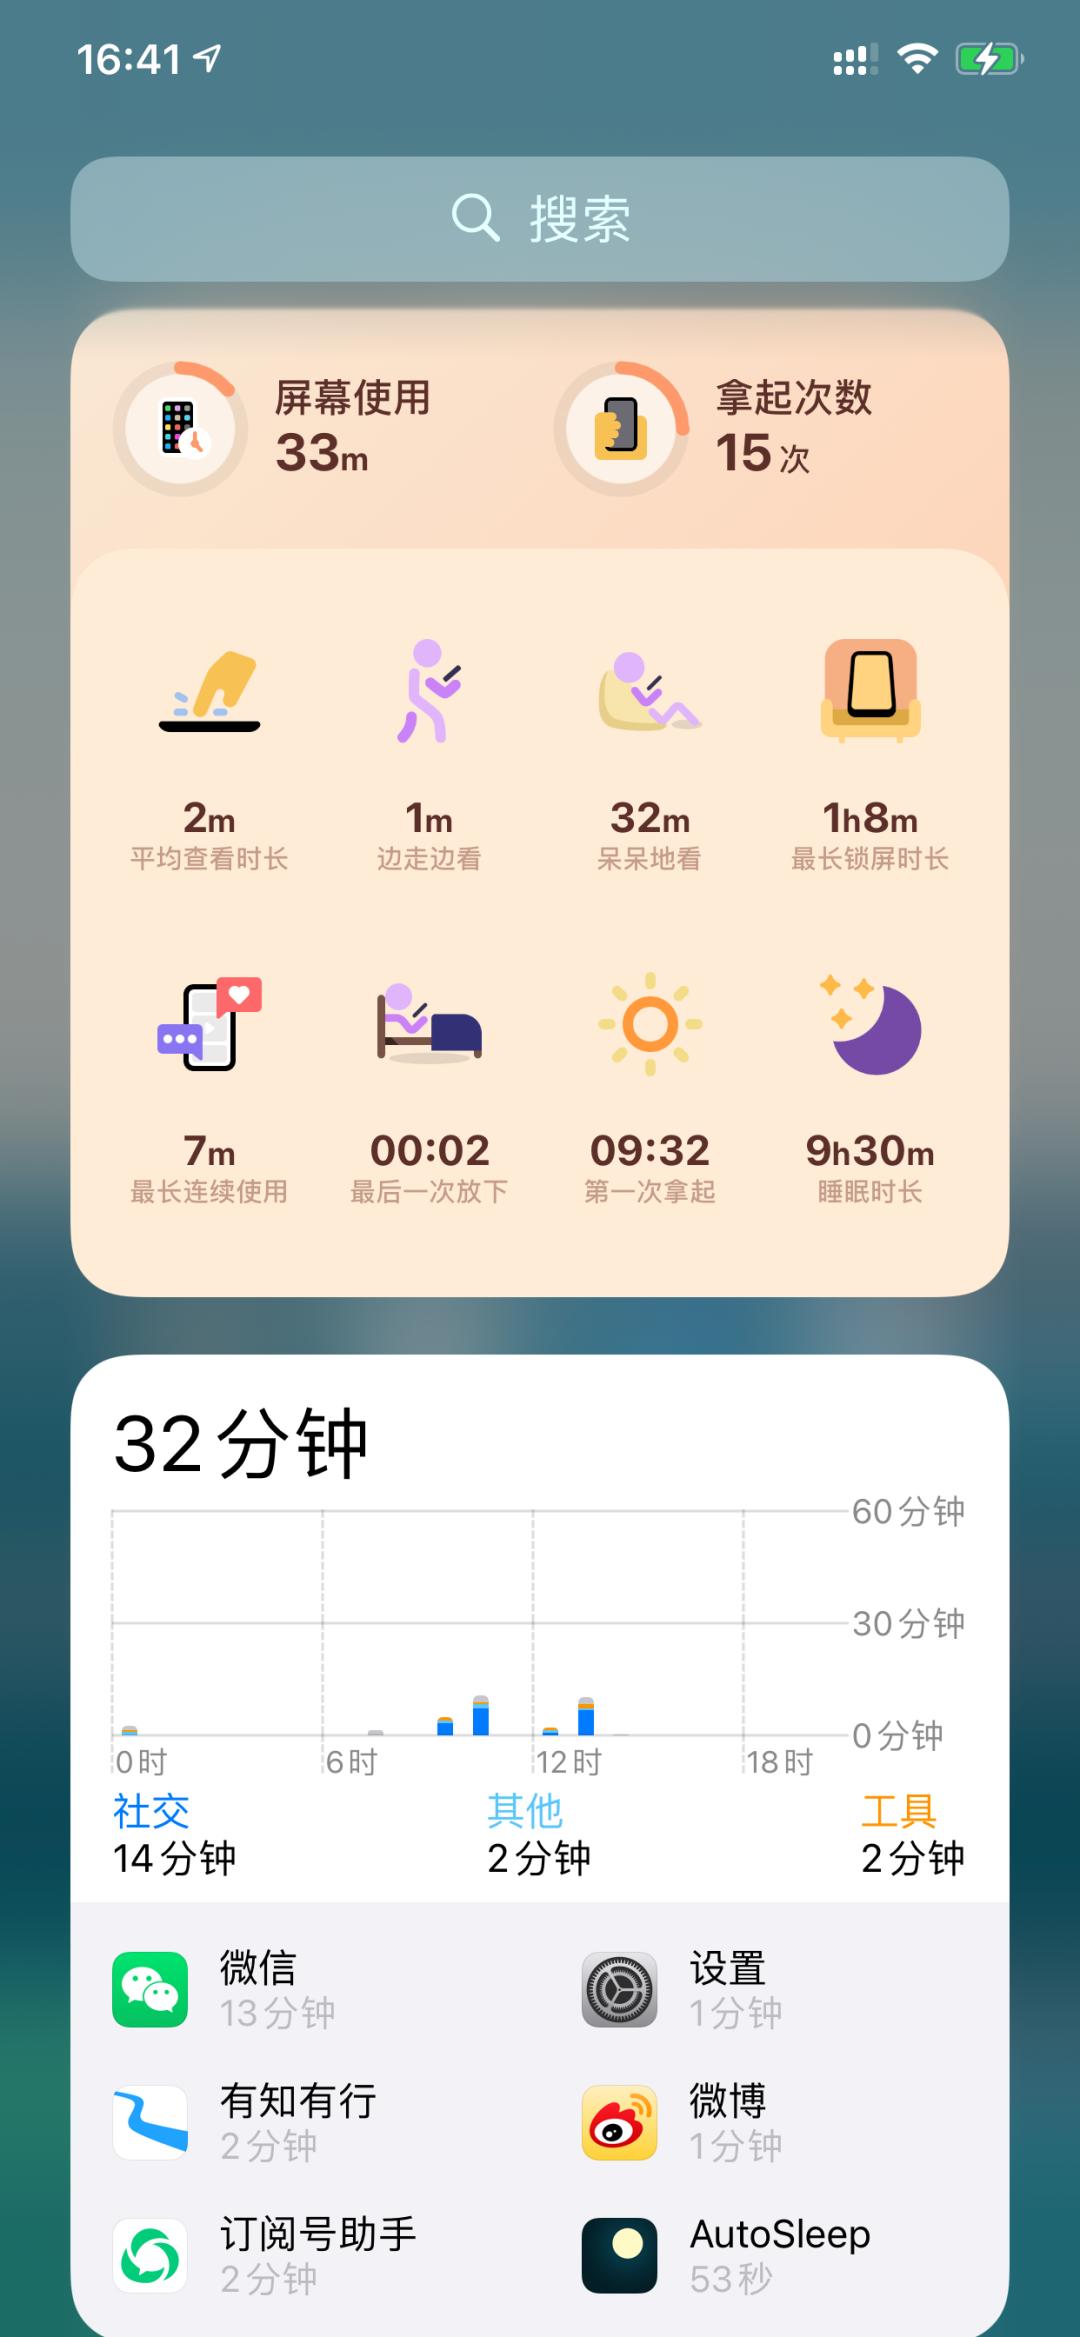 这个图片是什么 app 的